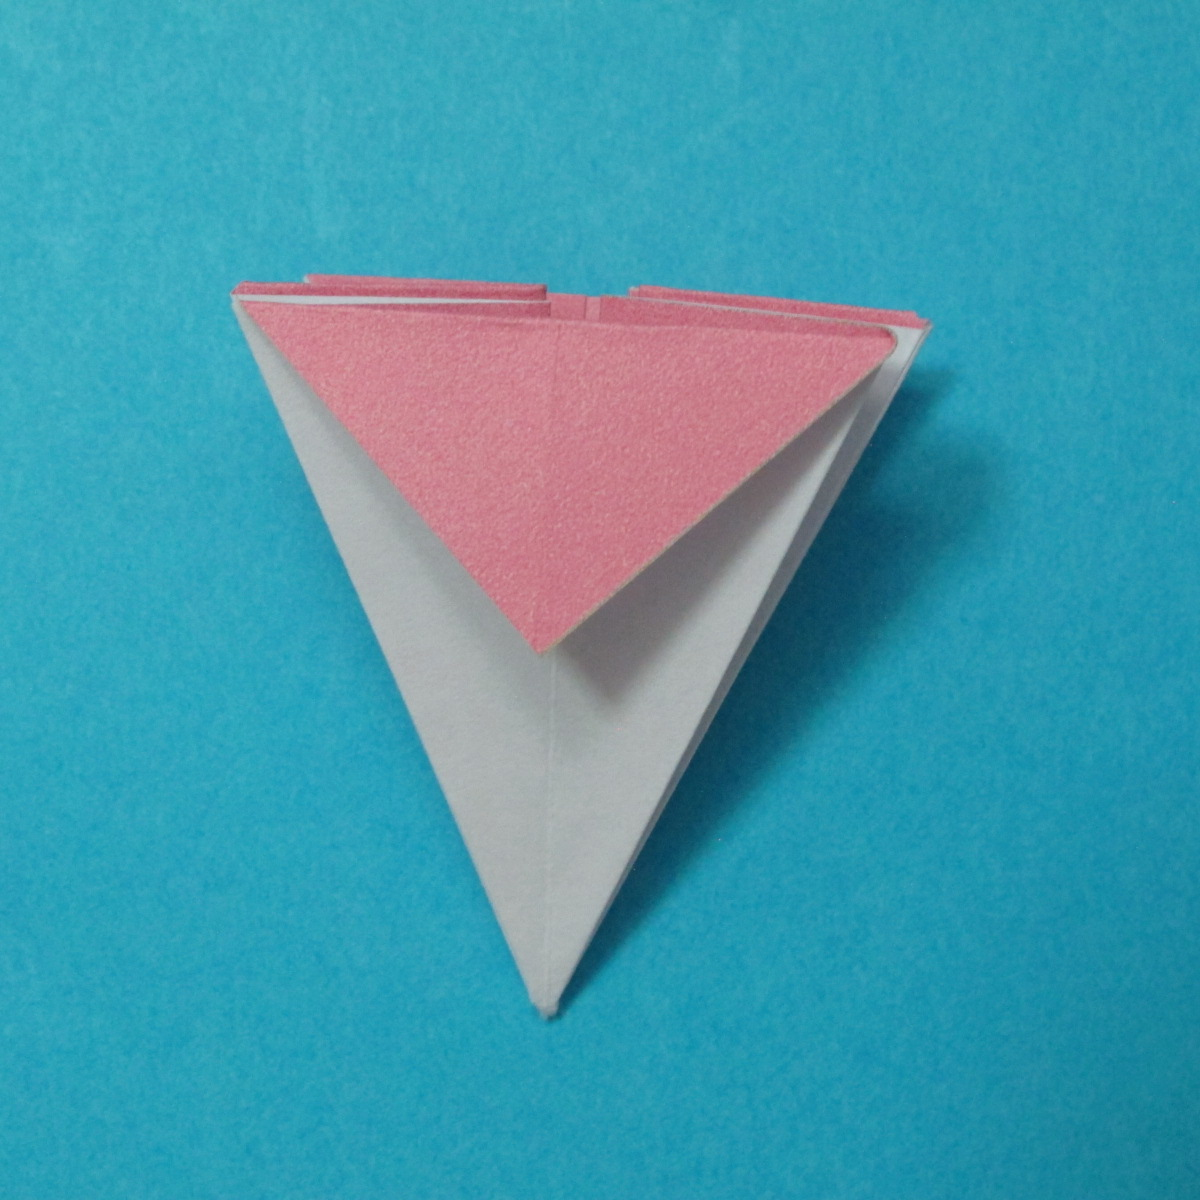 วิธีการพับกระดาษเป็นดอกไม้แปดกลีบ 013